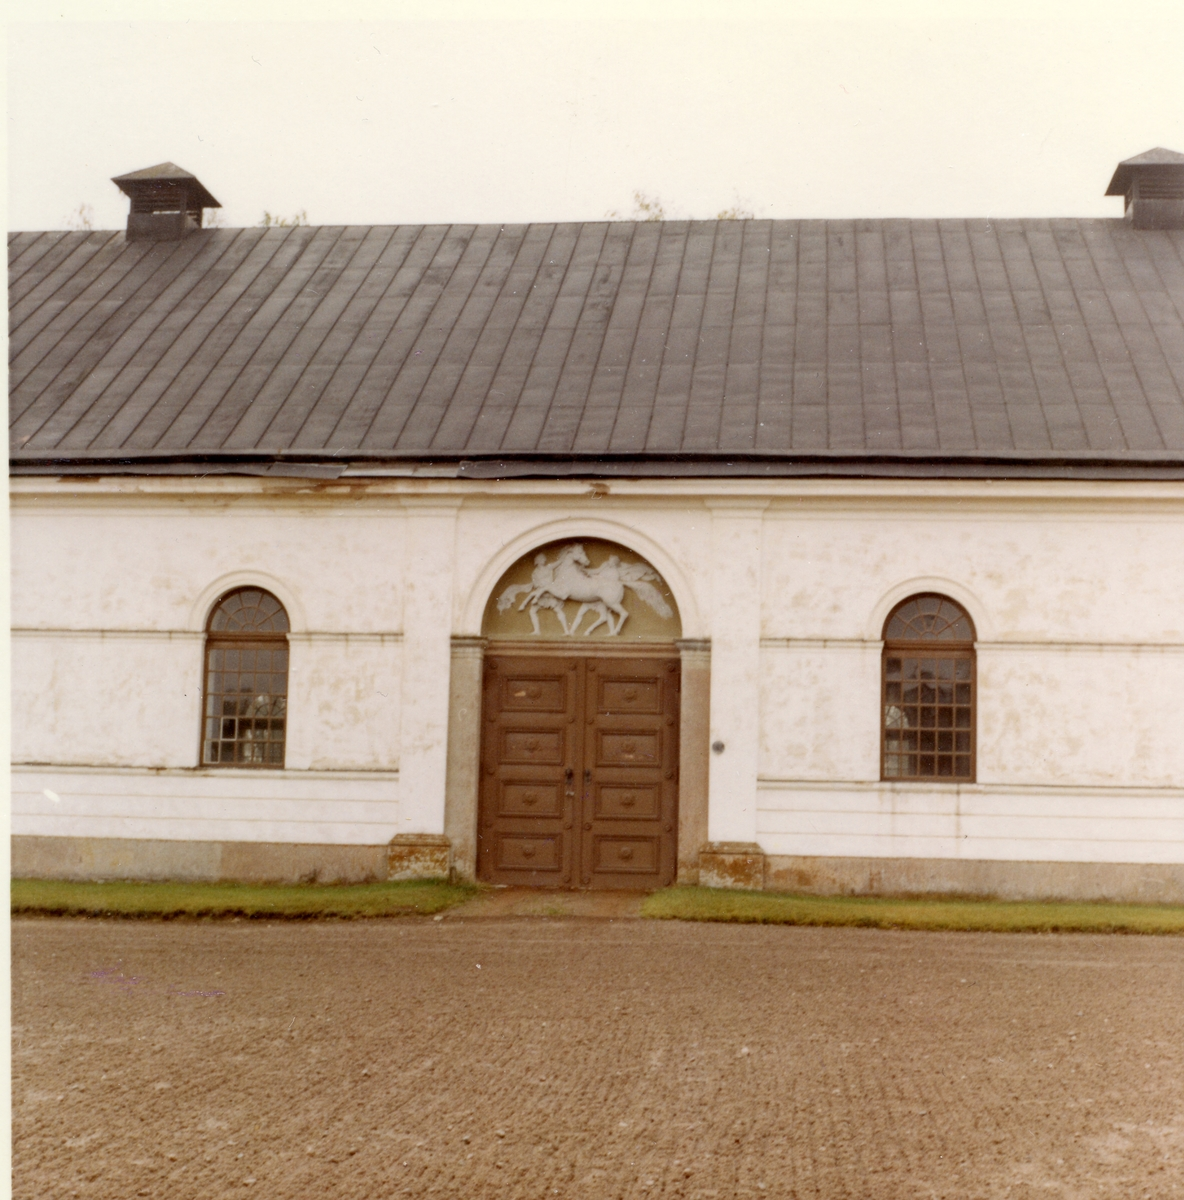 Kolbäck sn, Strömsholm. Ridskolan. Del av byggnaden, med rundade fönster och skulpterat dörröverstycke.